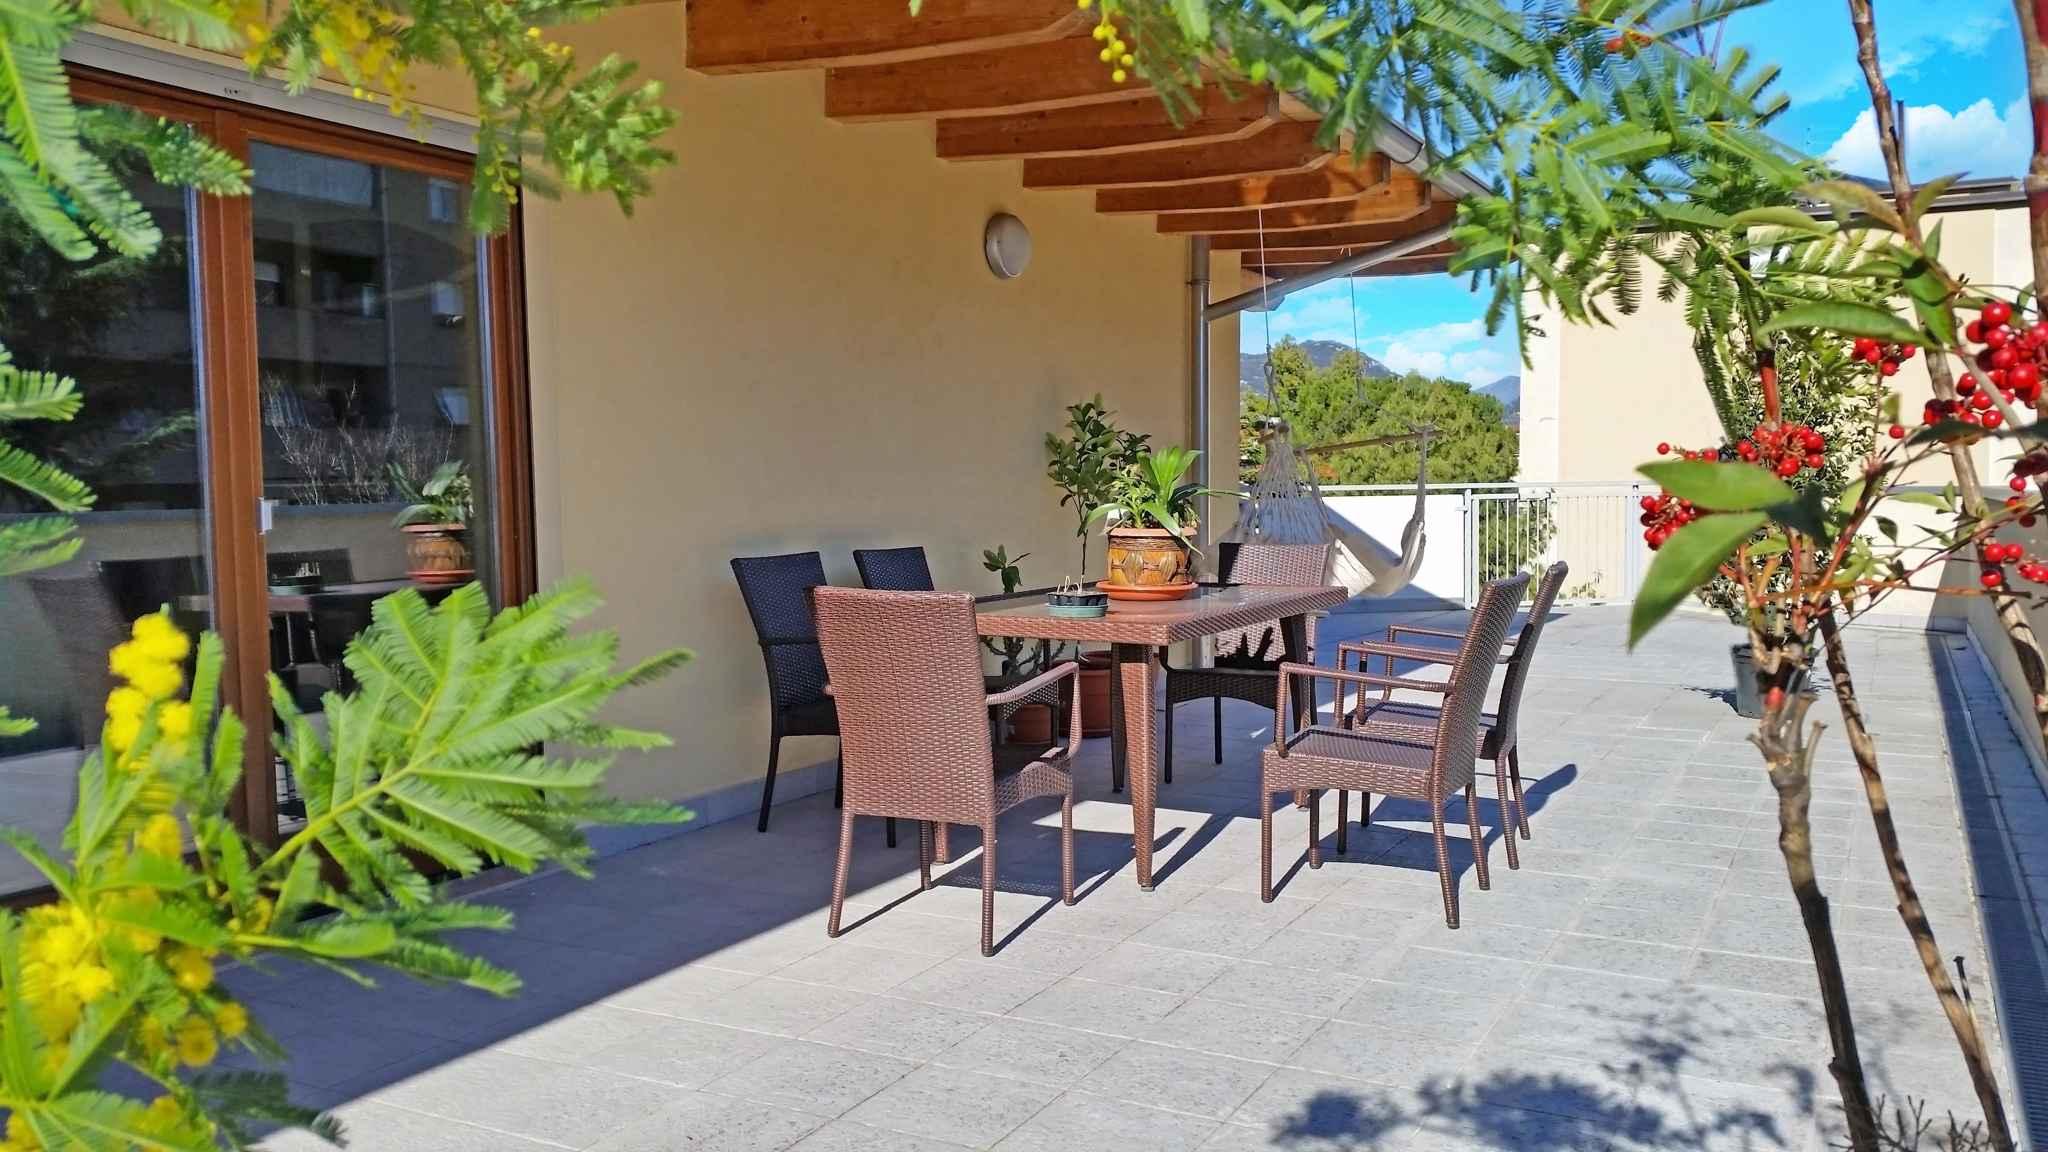 Ferienwohnung mit Terrasse und Parkplatz   Gardasee - Lago di Garda